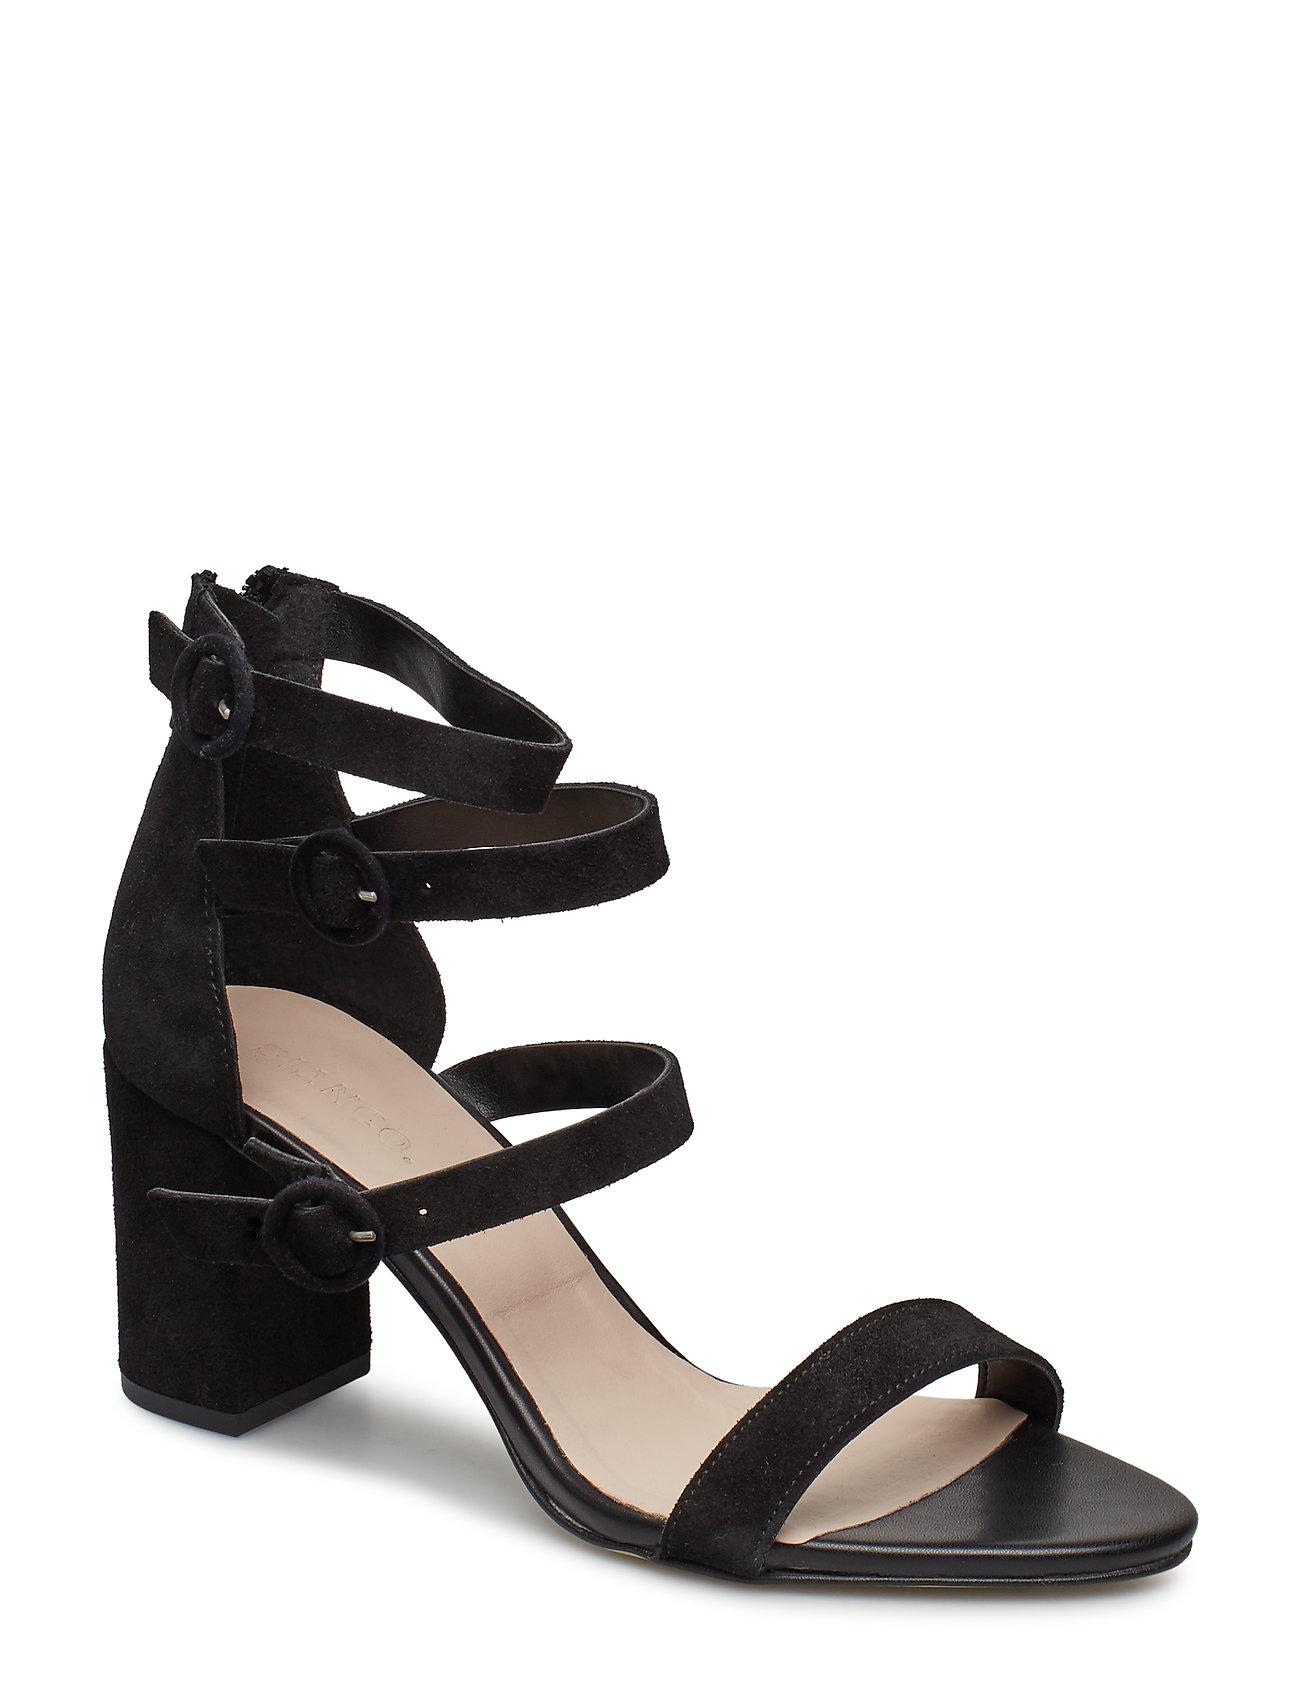 Bianco Multi Strap Sandal - BLACK 1